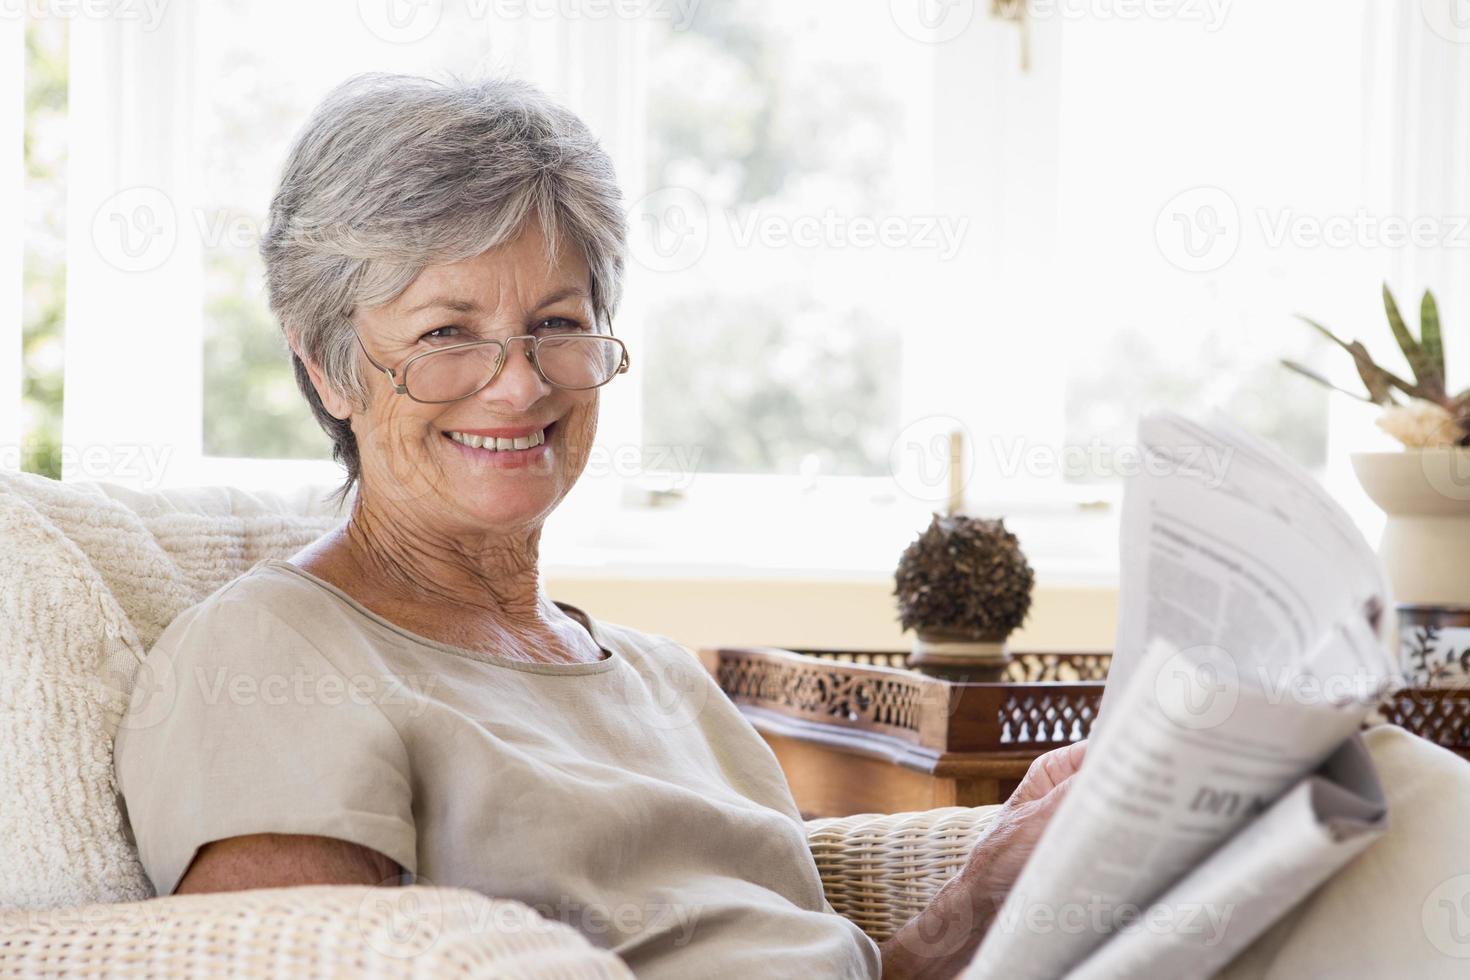 kvinna i vardagsrummet läser tidningen leende foto